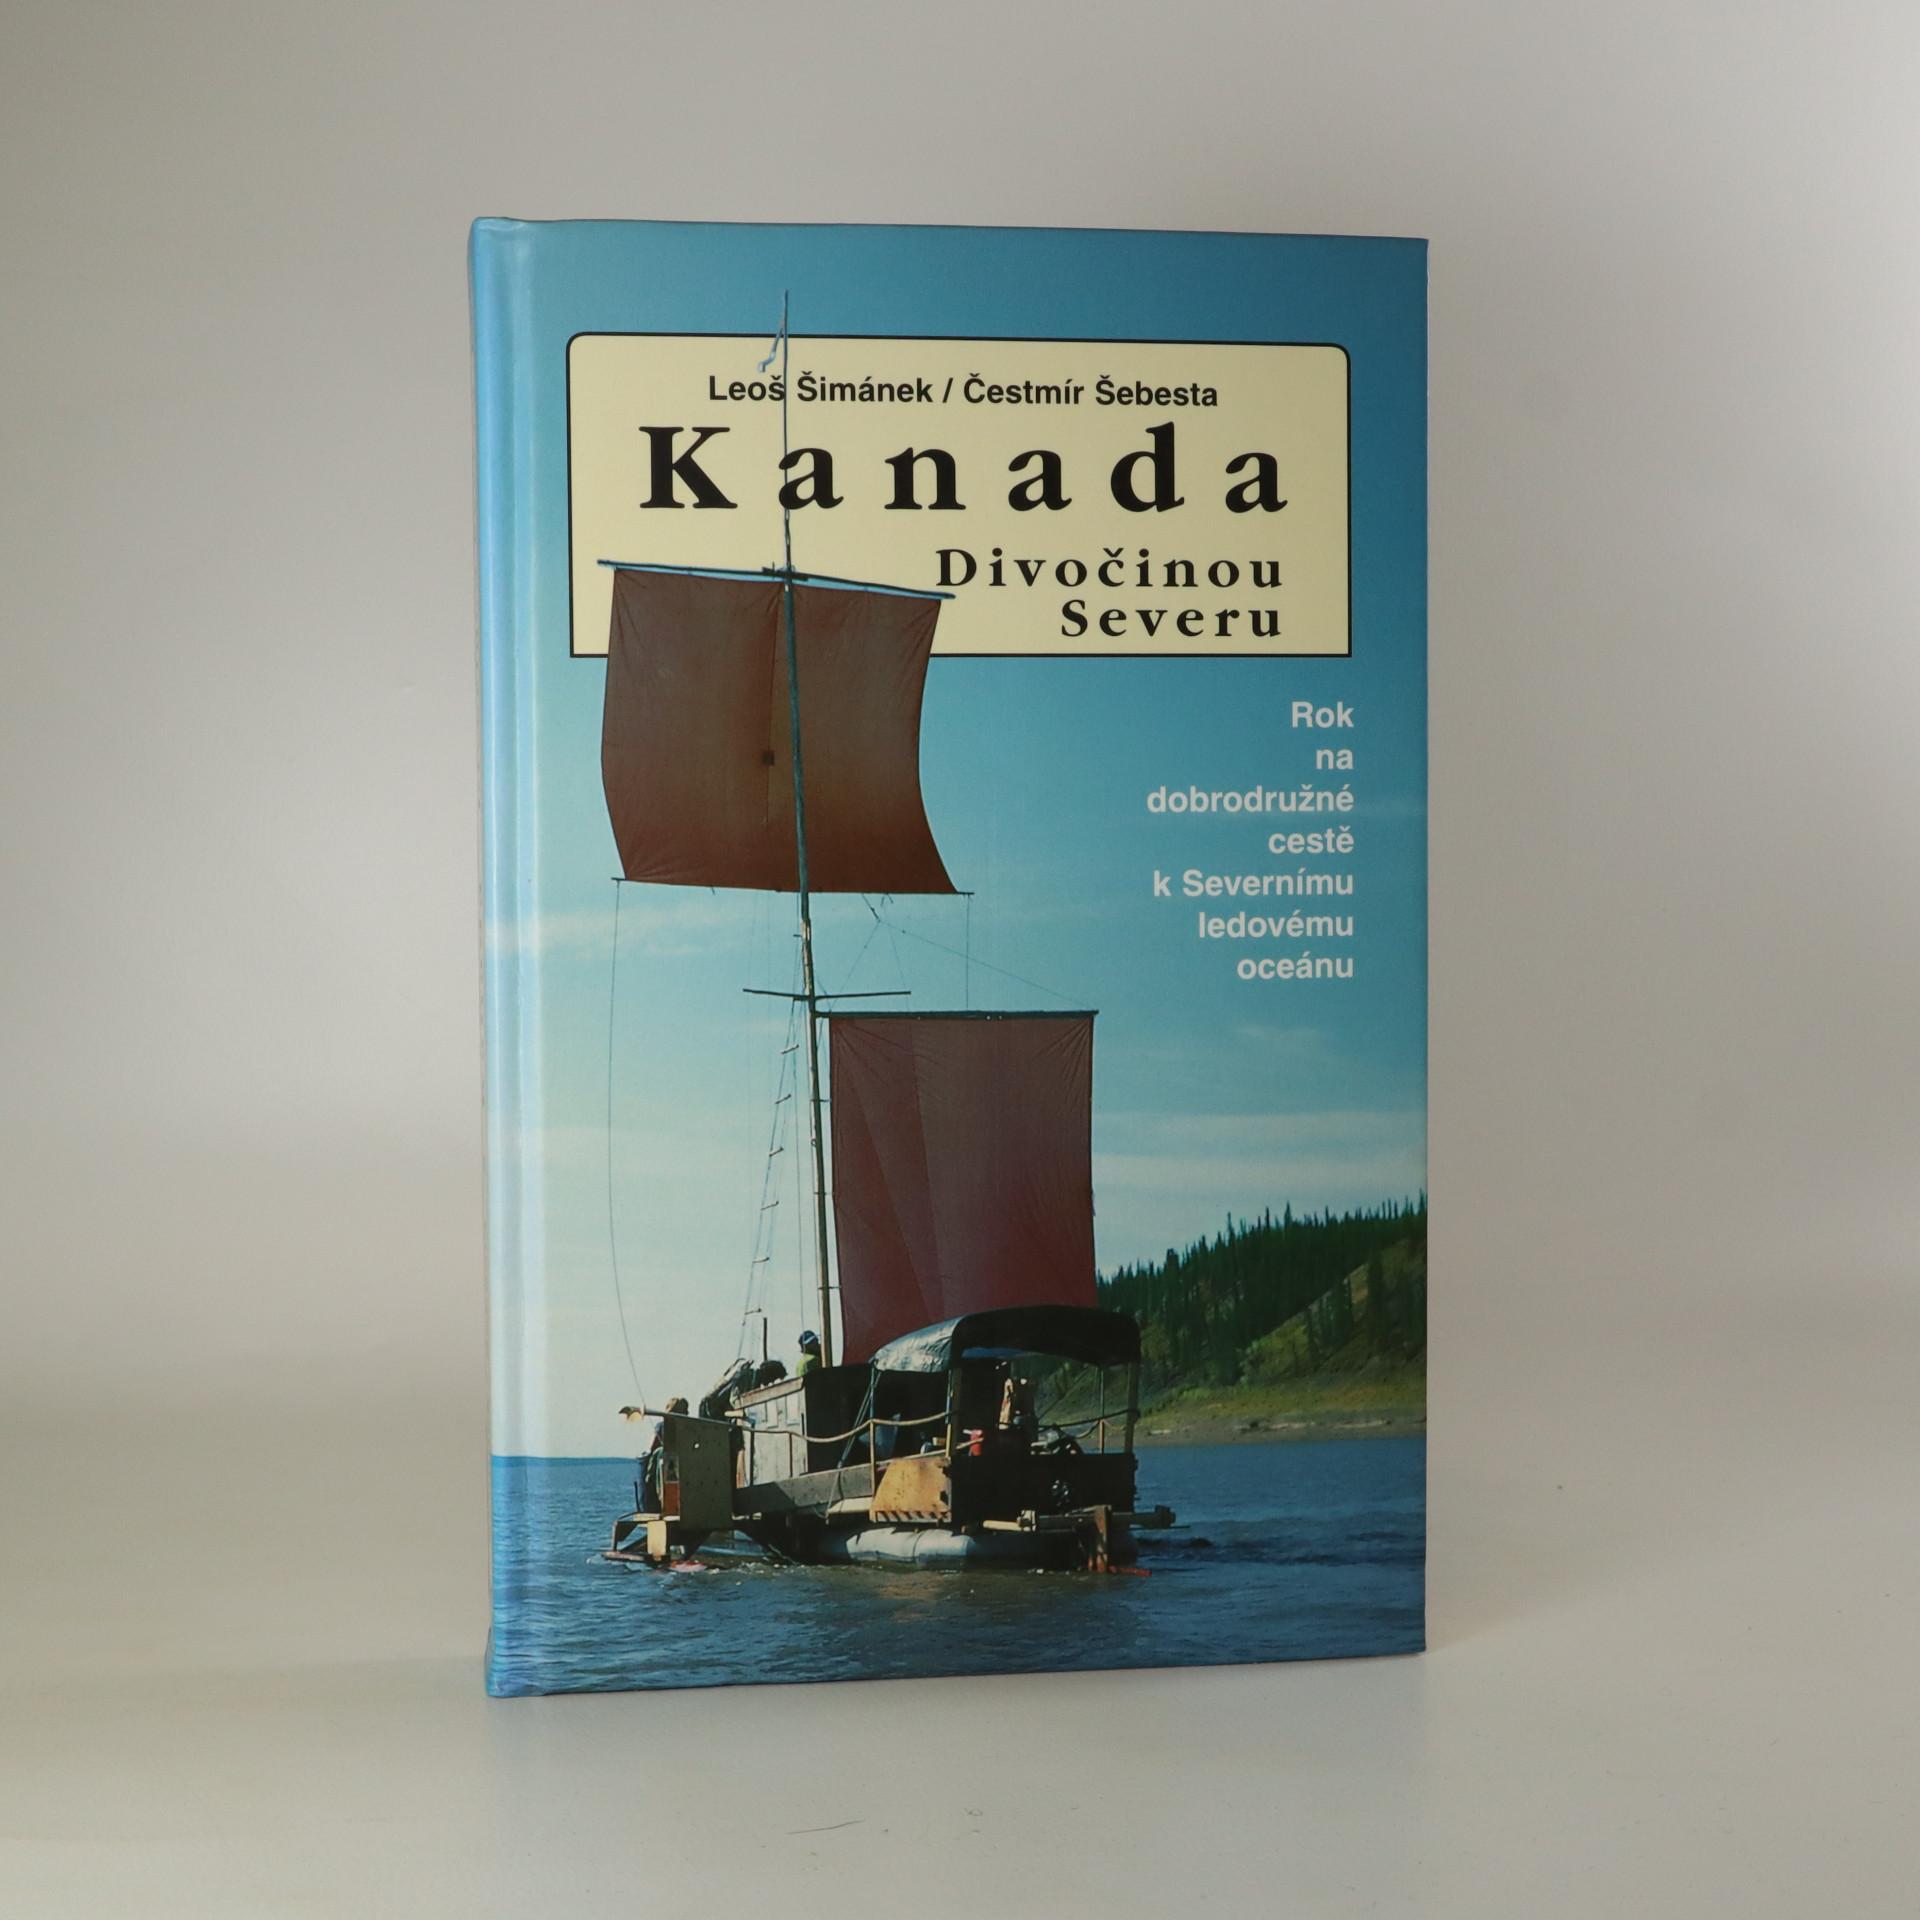 antikvární kniha Kanada - divočinou severu. Rok na dobrodružné cestě k Severnímu ledovému oceánu, 2001